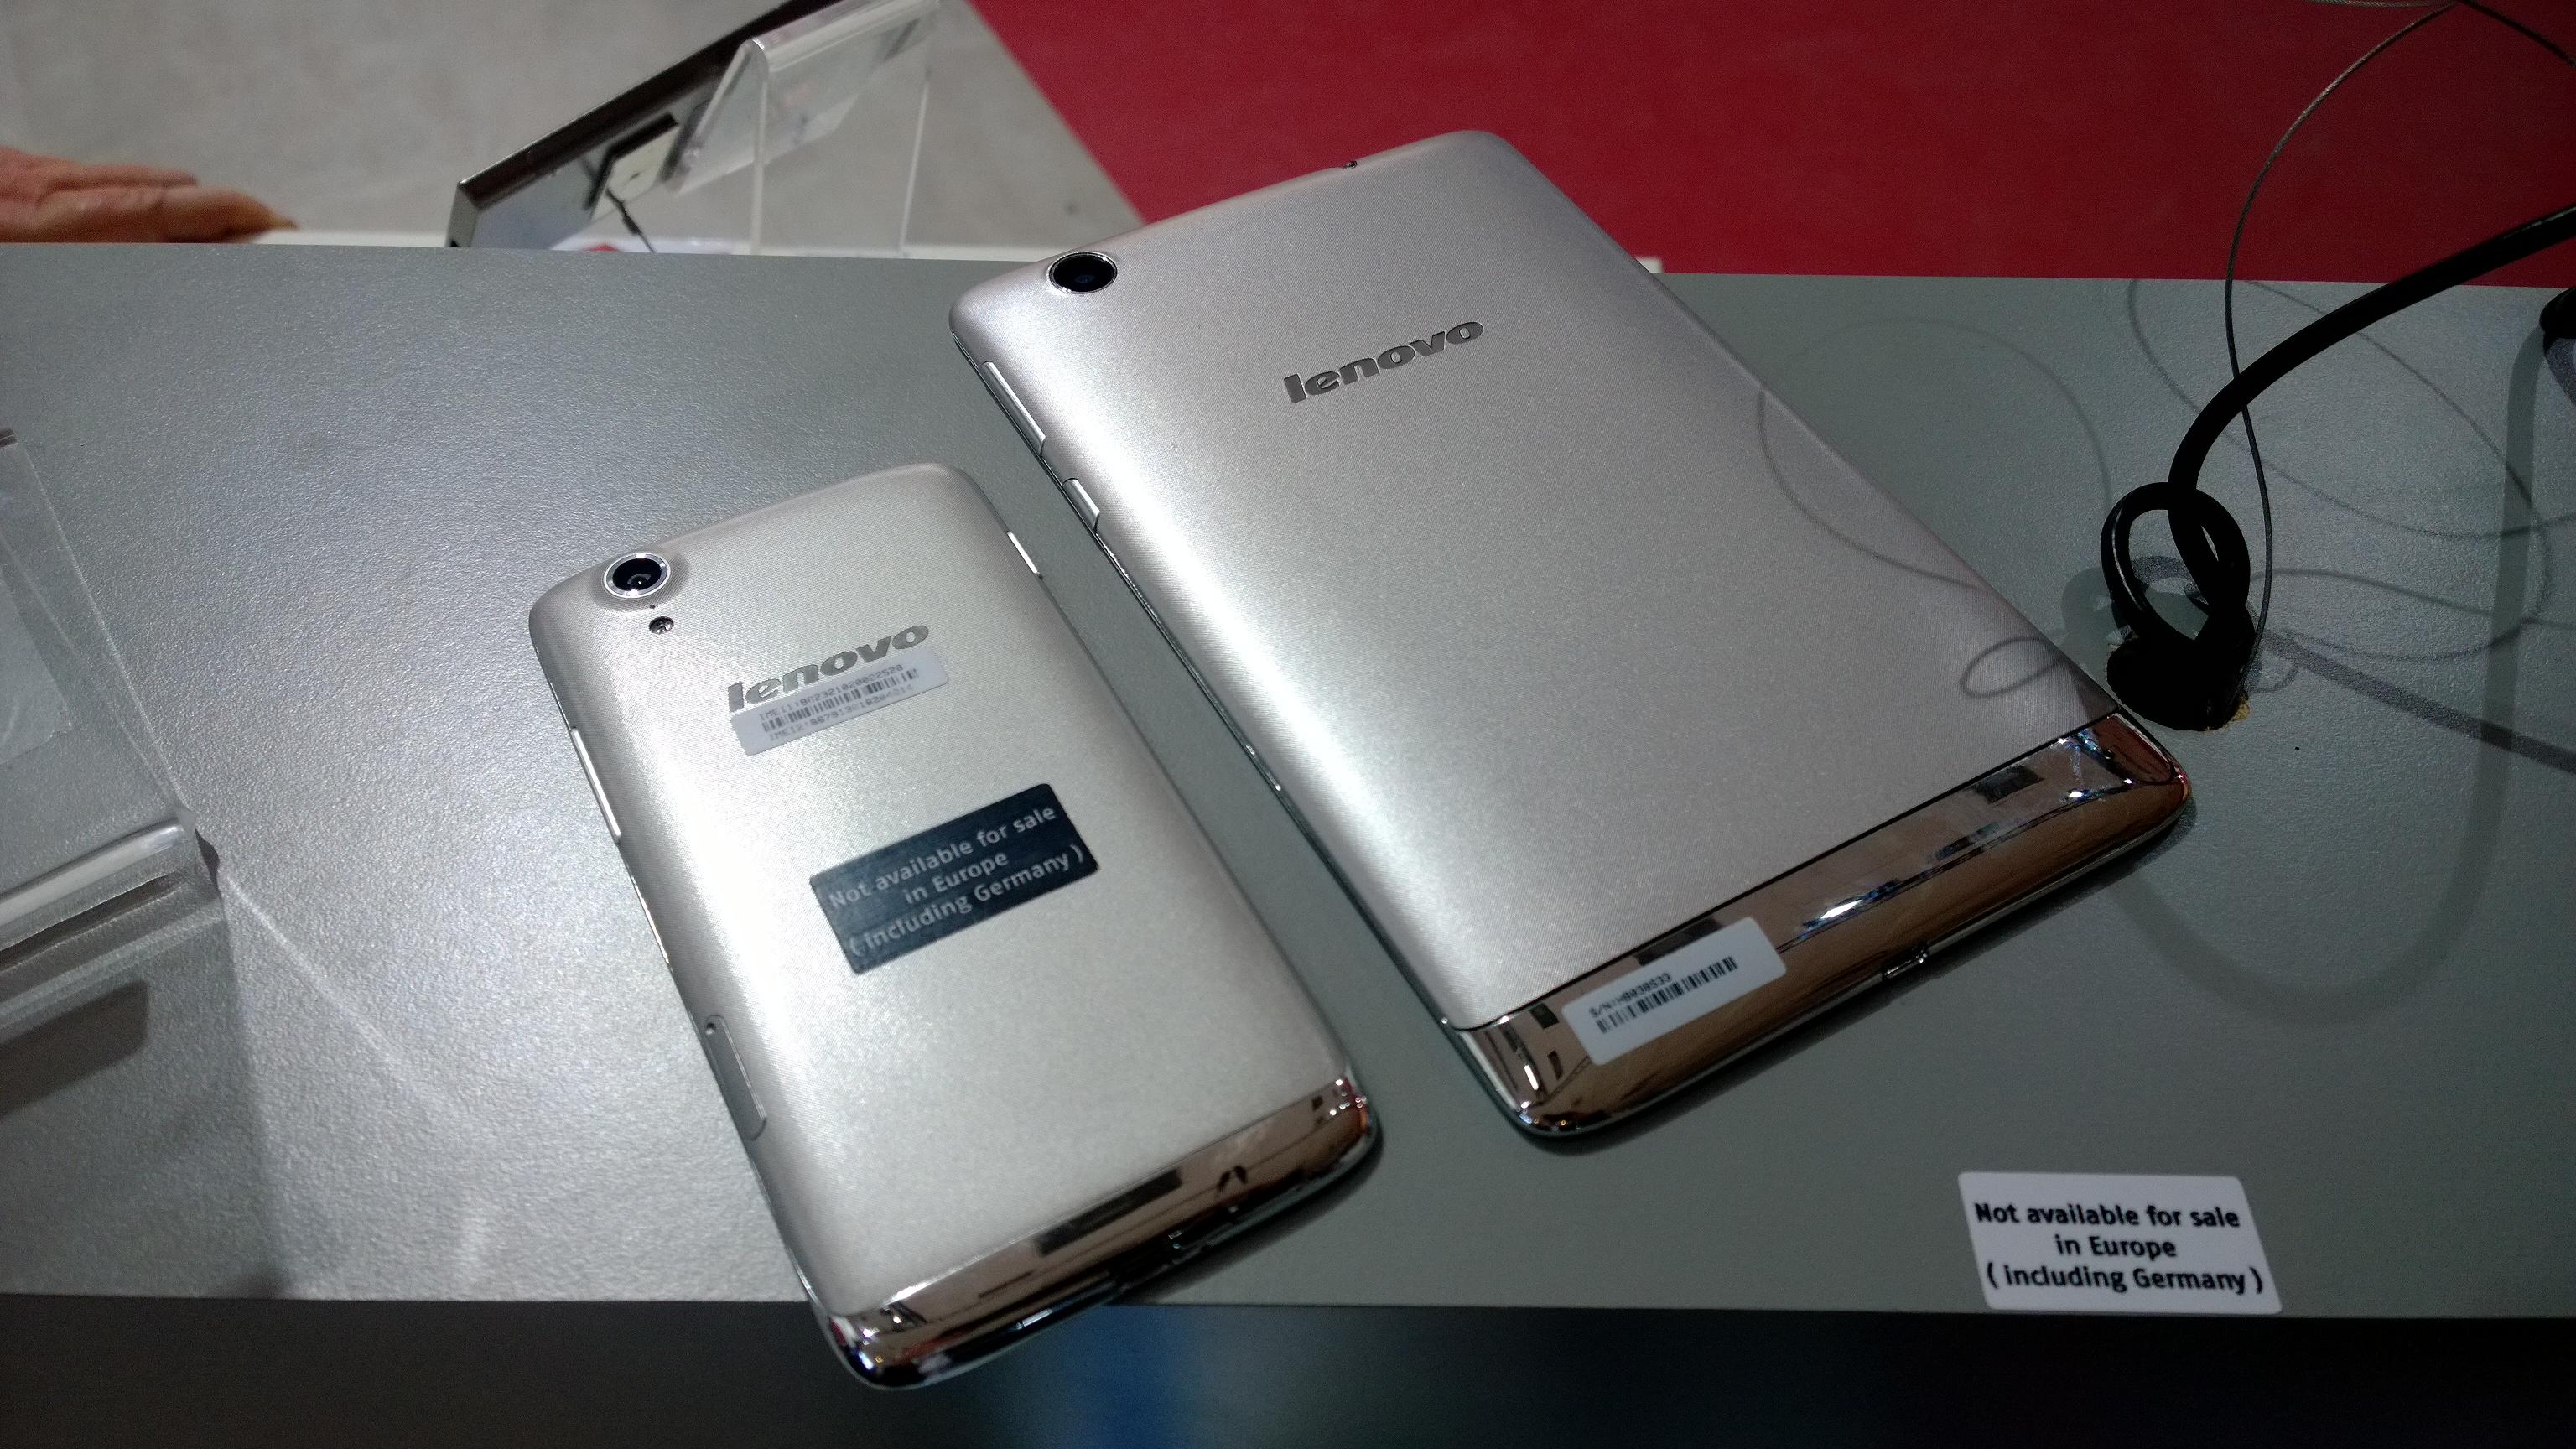 Lenovo Vibe X Y Tablet S5000 Reverso Del Nuevo Smartphone La Nueva En El Booth De Ifa 2013